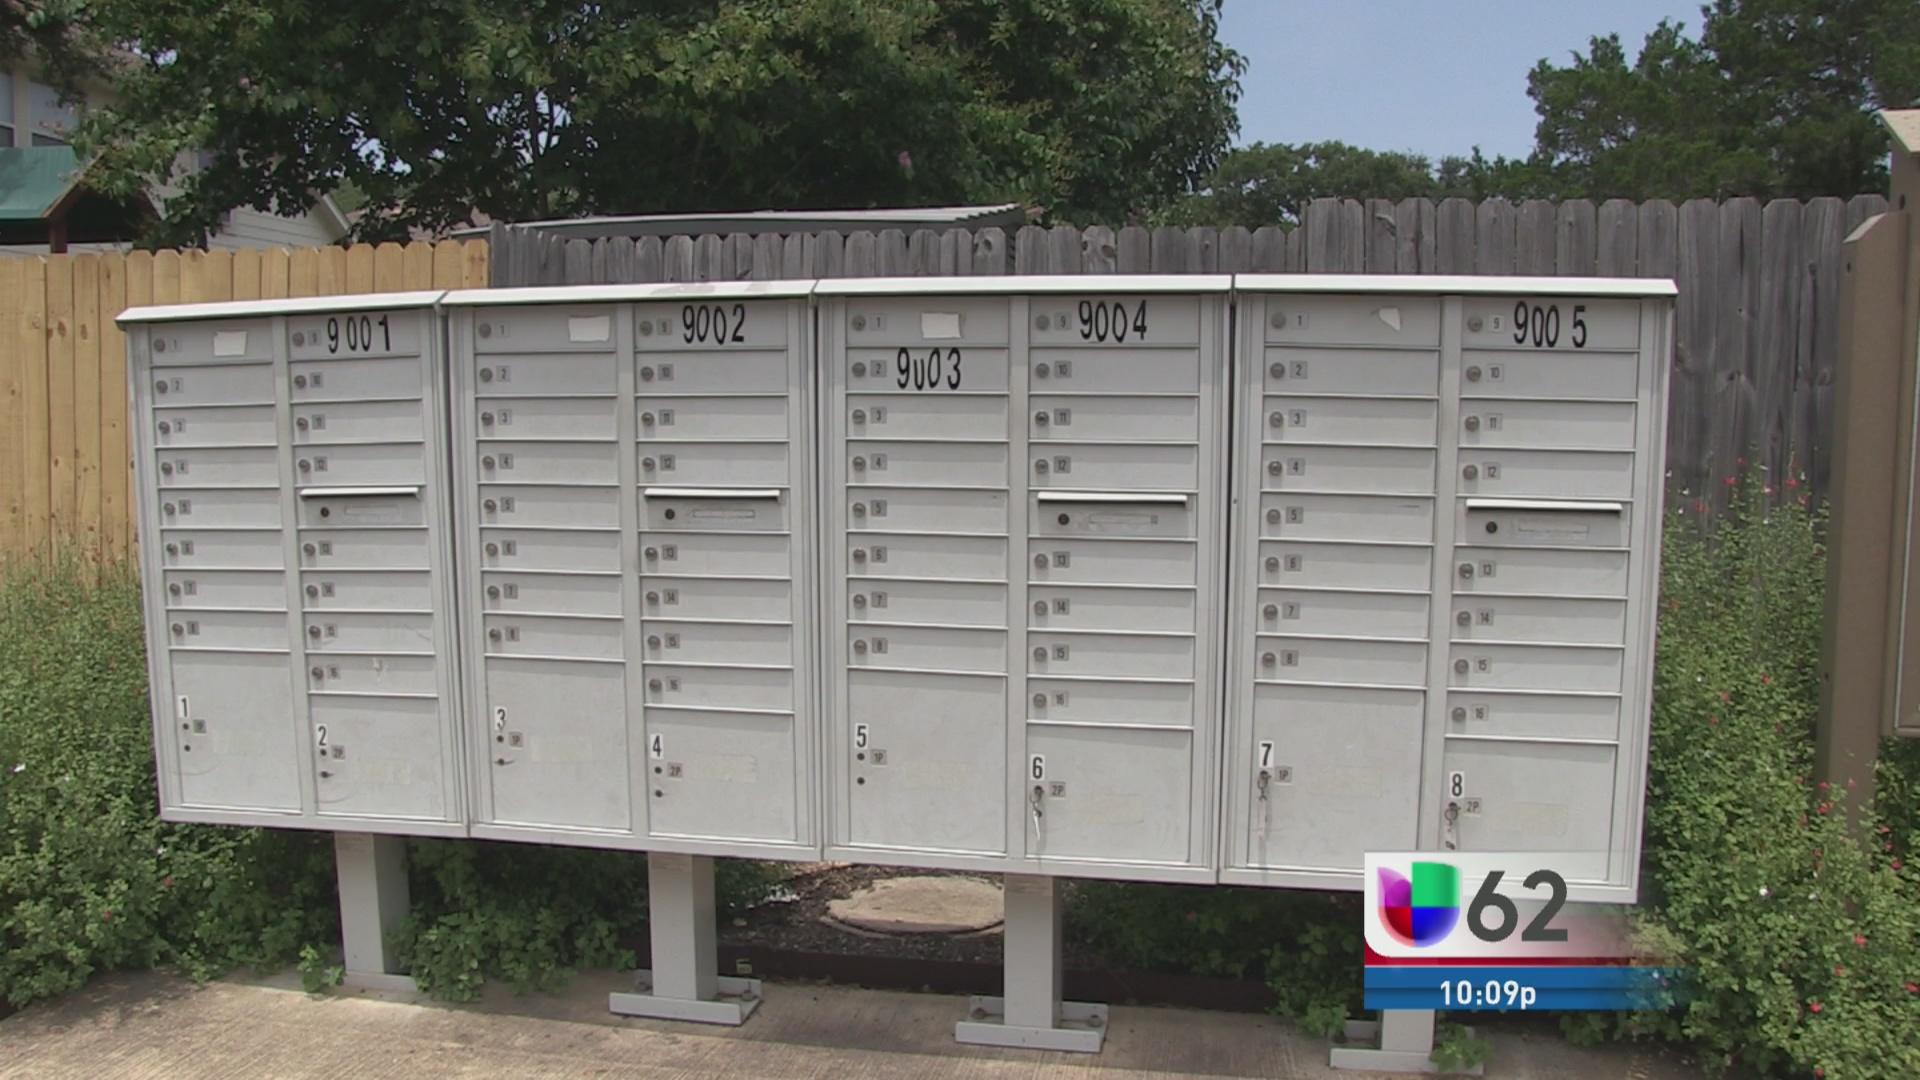 Atraco de buzones del correo postal en austin univision for Oficina de correo postal